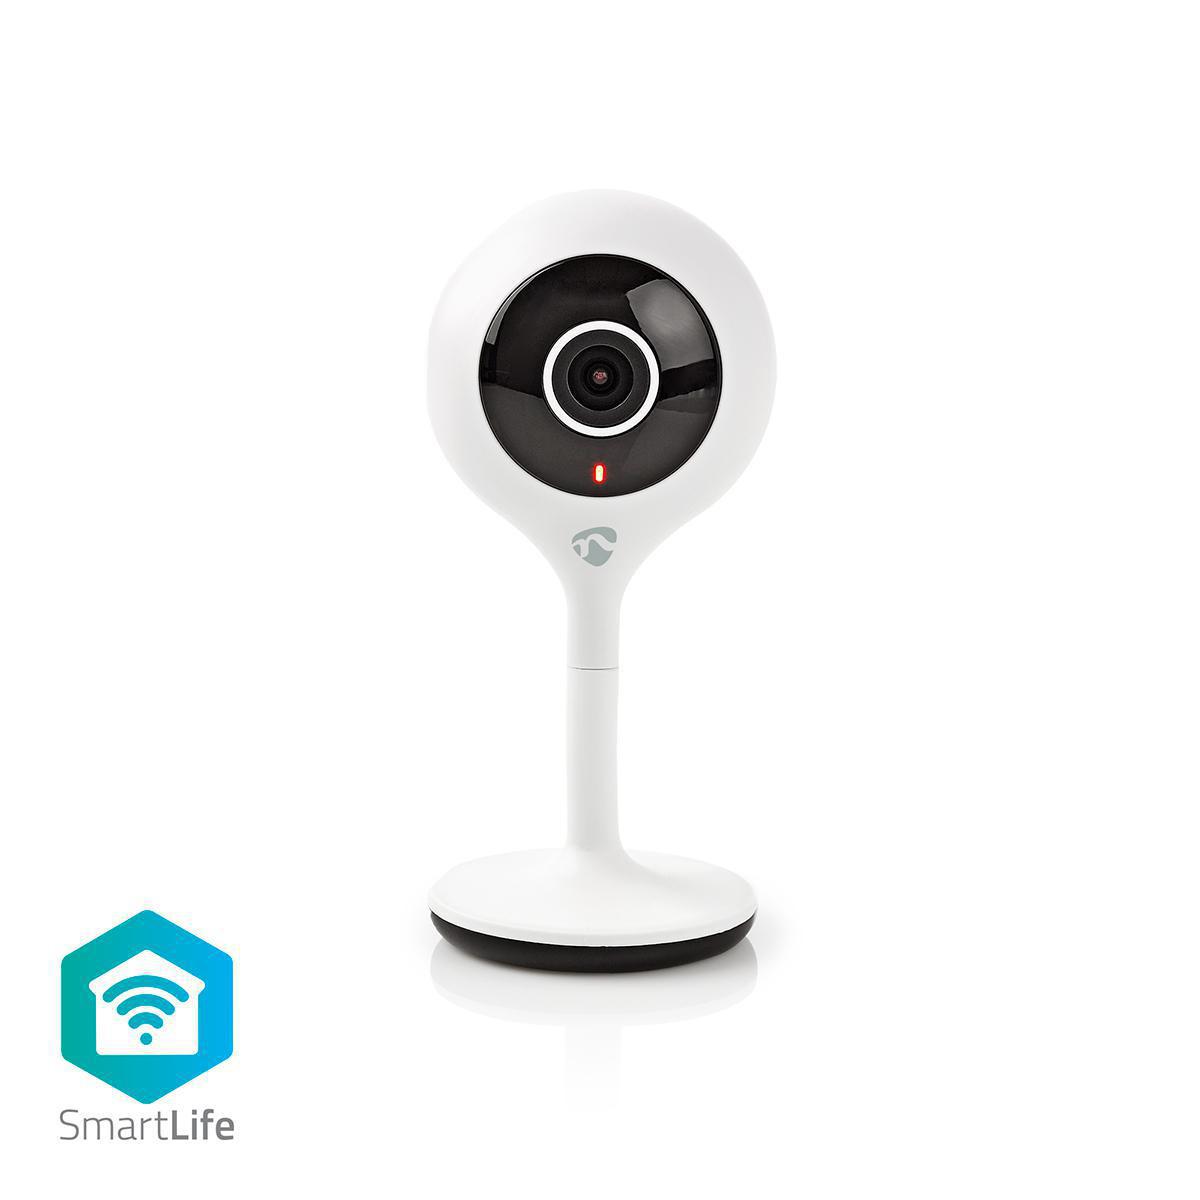 Esta câmera IP SmartHome é uma adição essencial a qualquer sistema doméstico inteligente, conecta você diretamente à sua rede Wi-Fi - não é necessário um hub adicional - e é acionada por todos os movimentos e sons da sala.